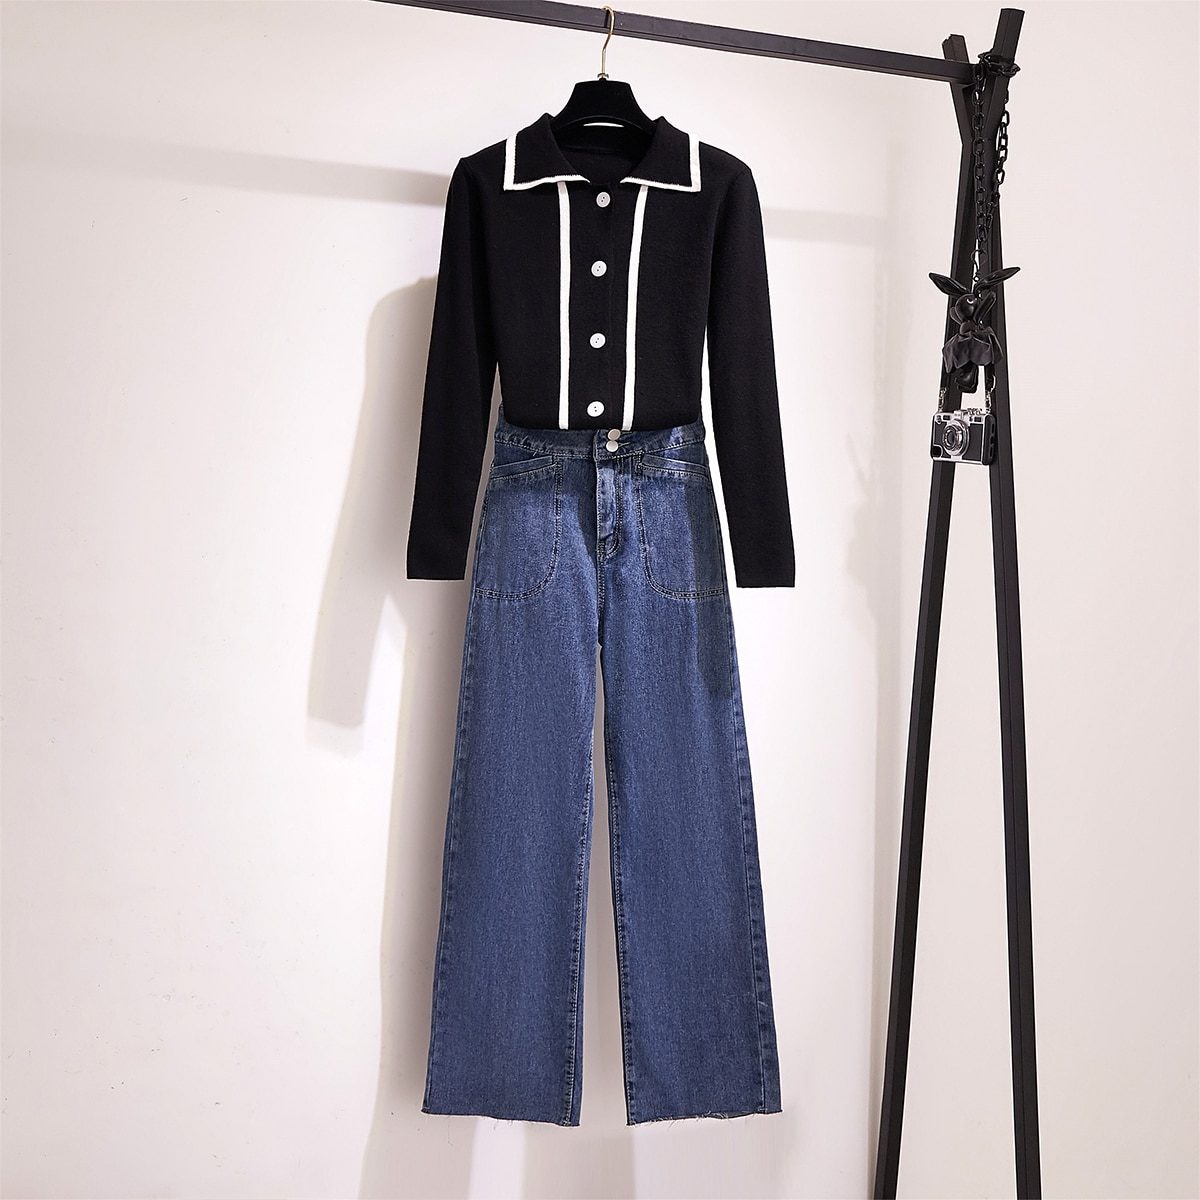 Шикарная ветровка поло цветной вязаный кардиган с длинными рукавами свитера брюки джинсы с высокой талией комплект одежды из двух предмето...